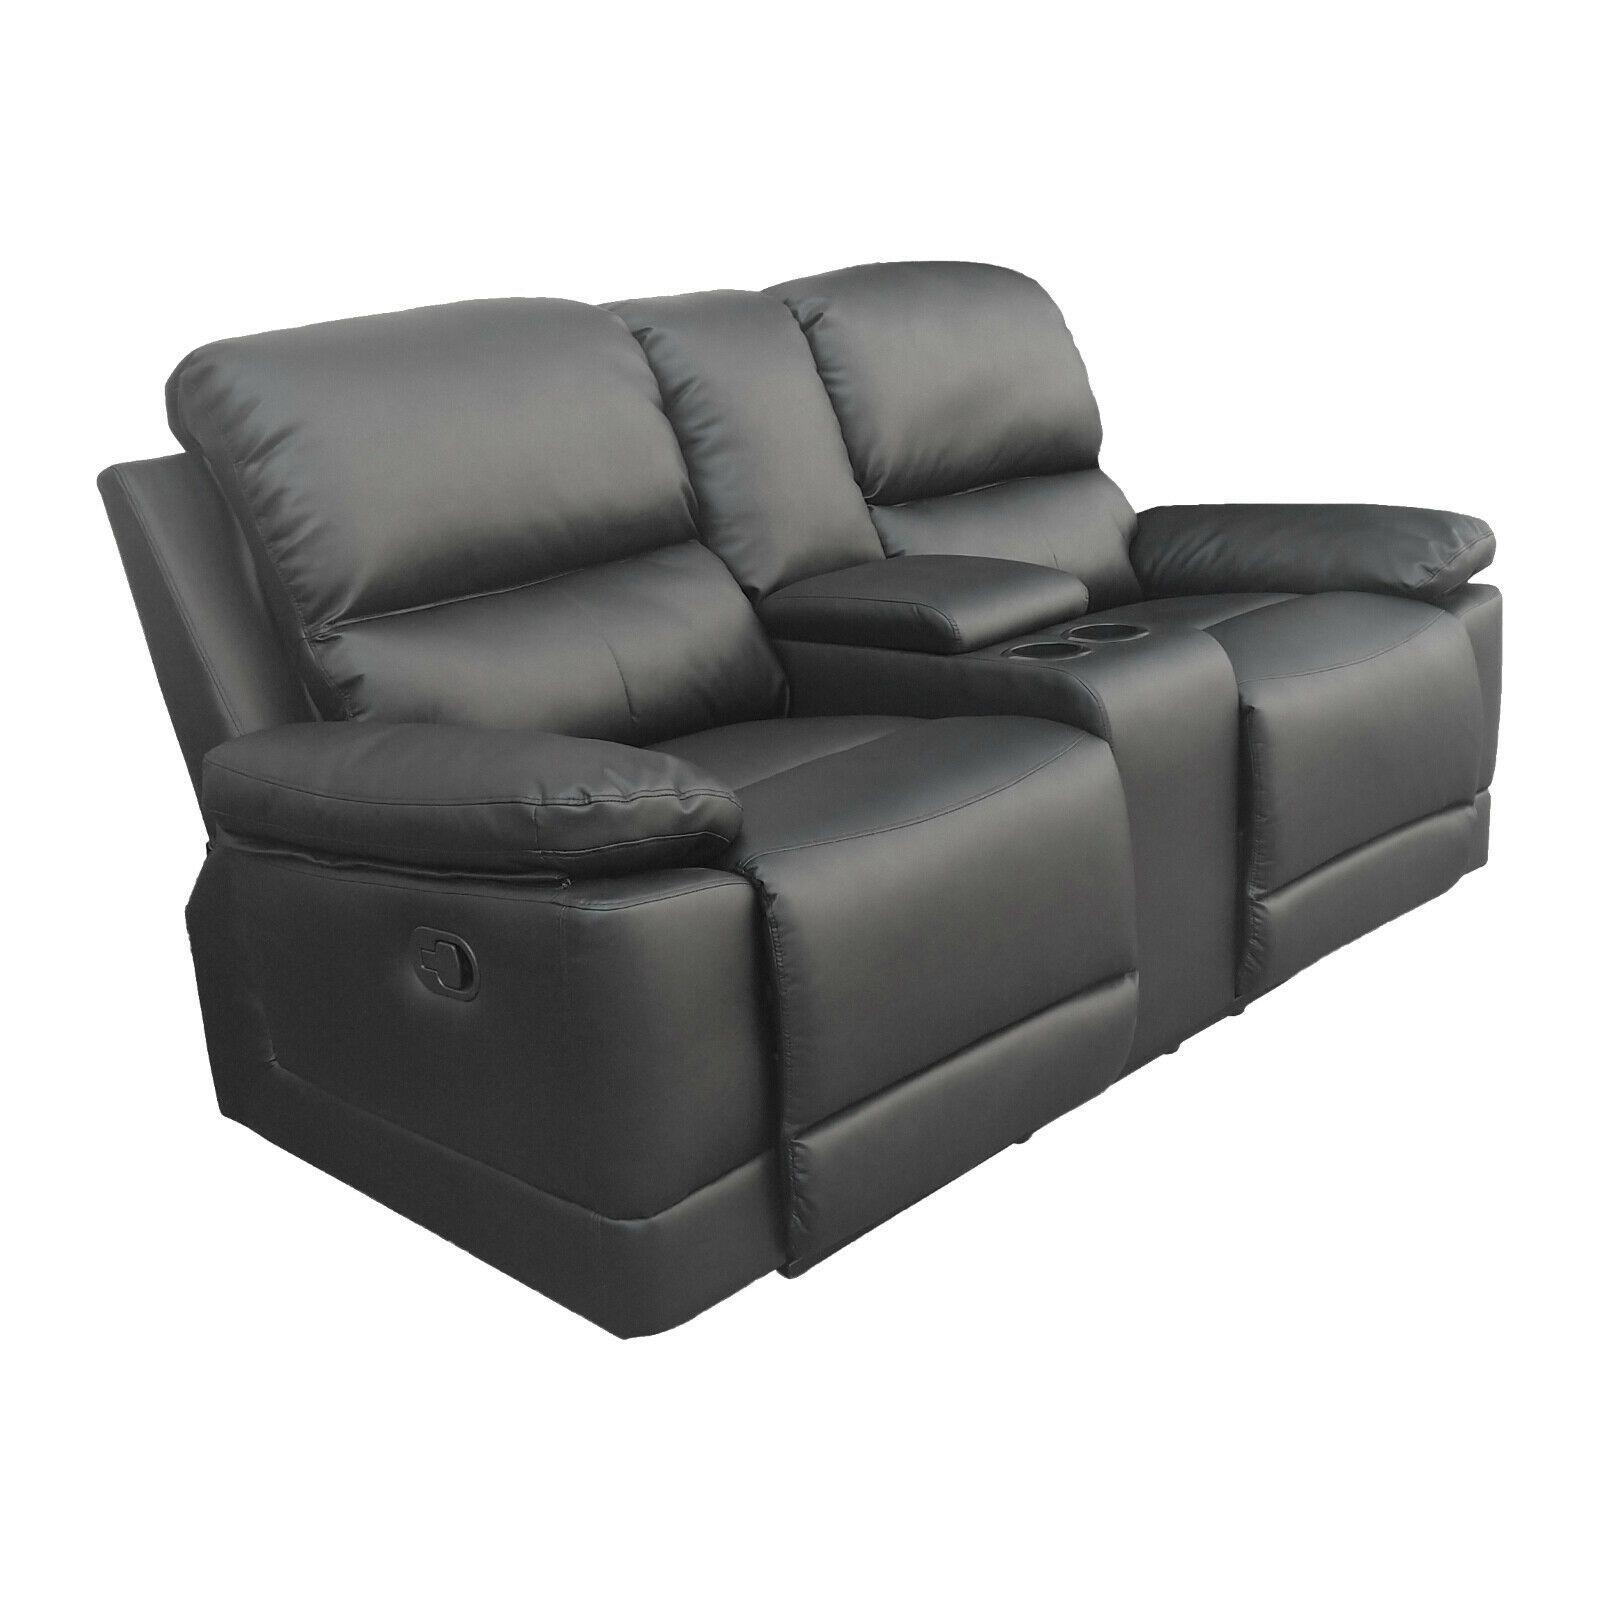 Raburg 2er Kinosessel Flix In Seiden Schwarz Tv Sessel Soft Touch Kunstleder Recliner Recliner Chair Chair